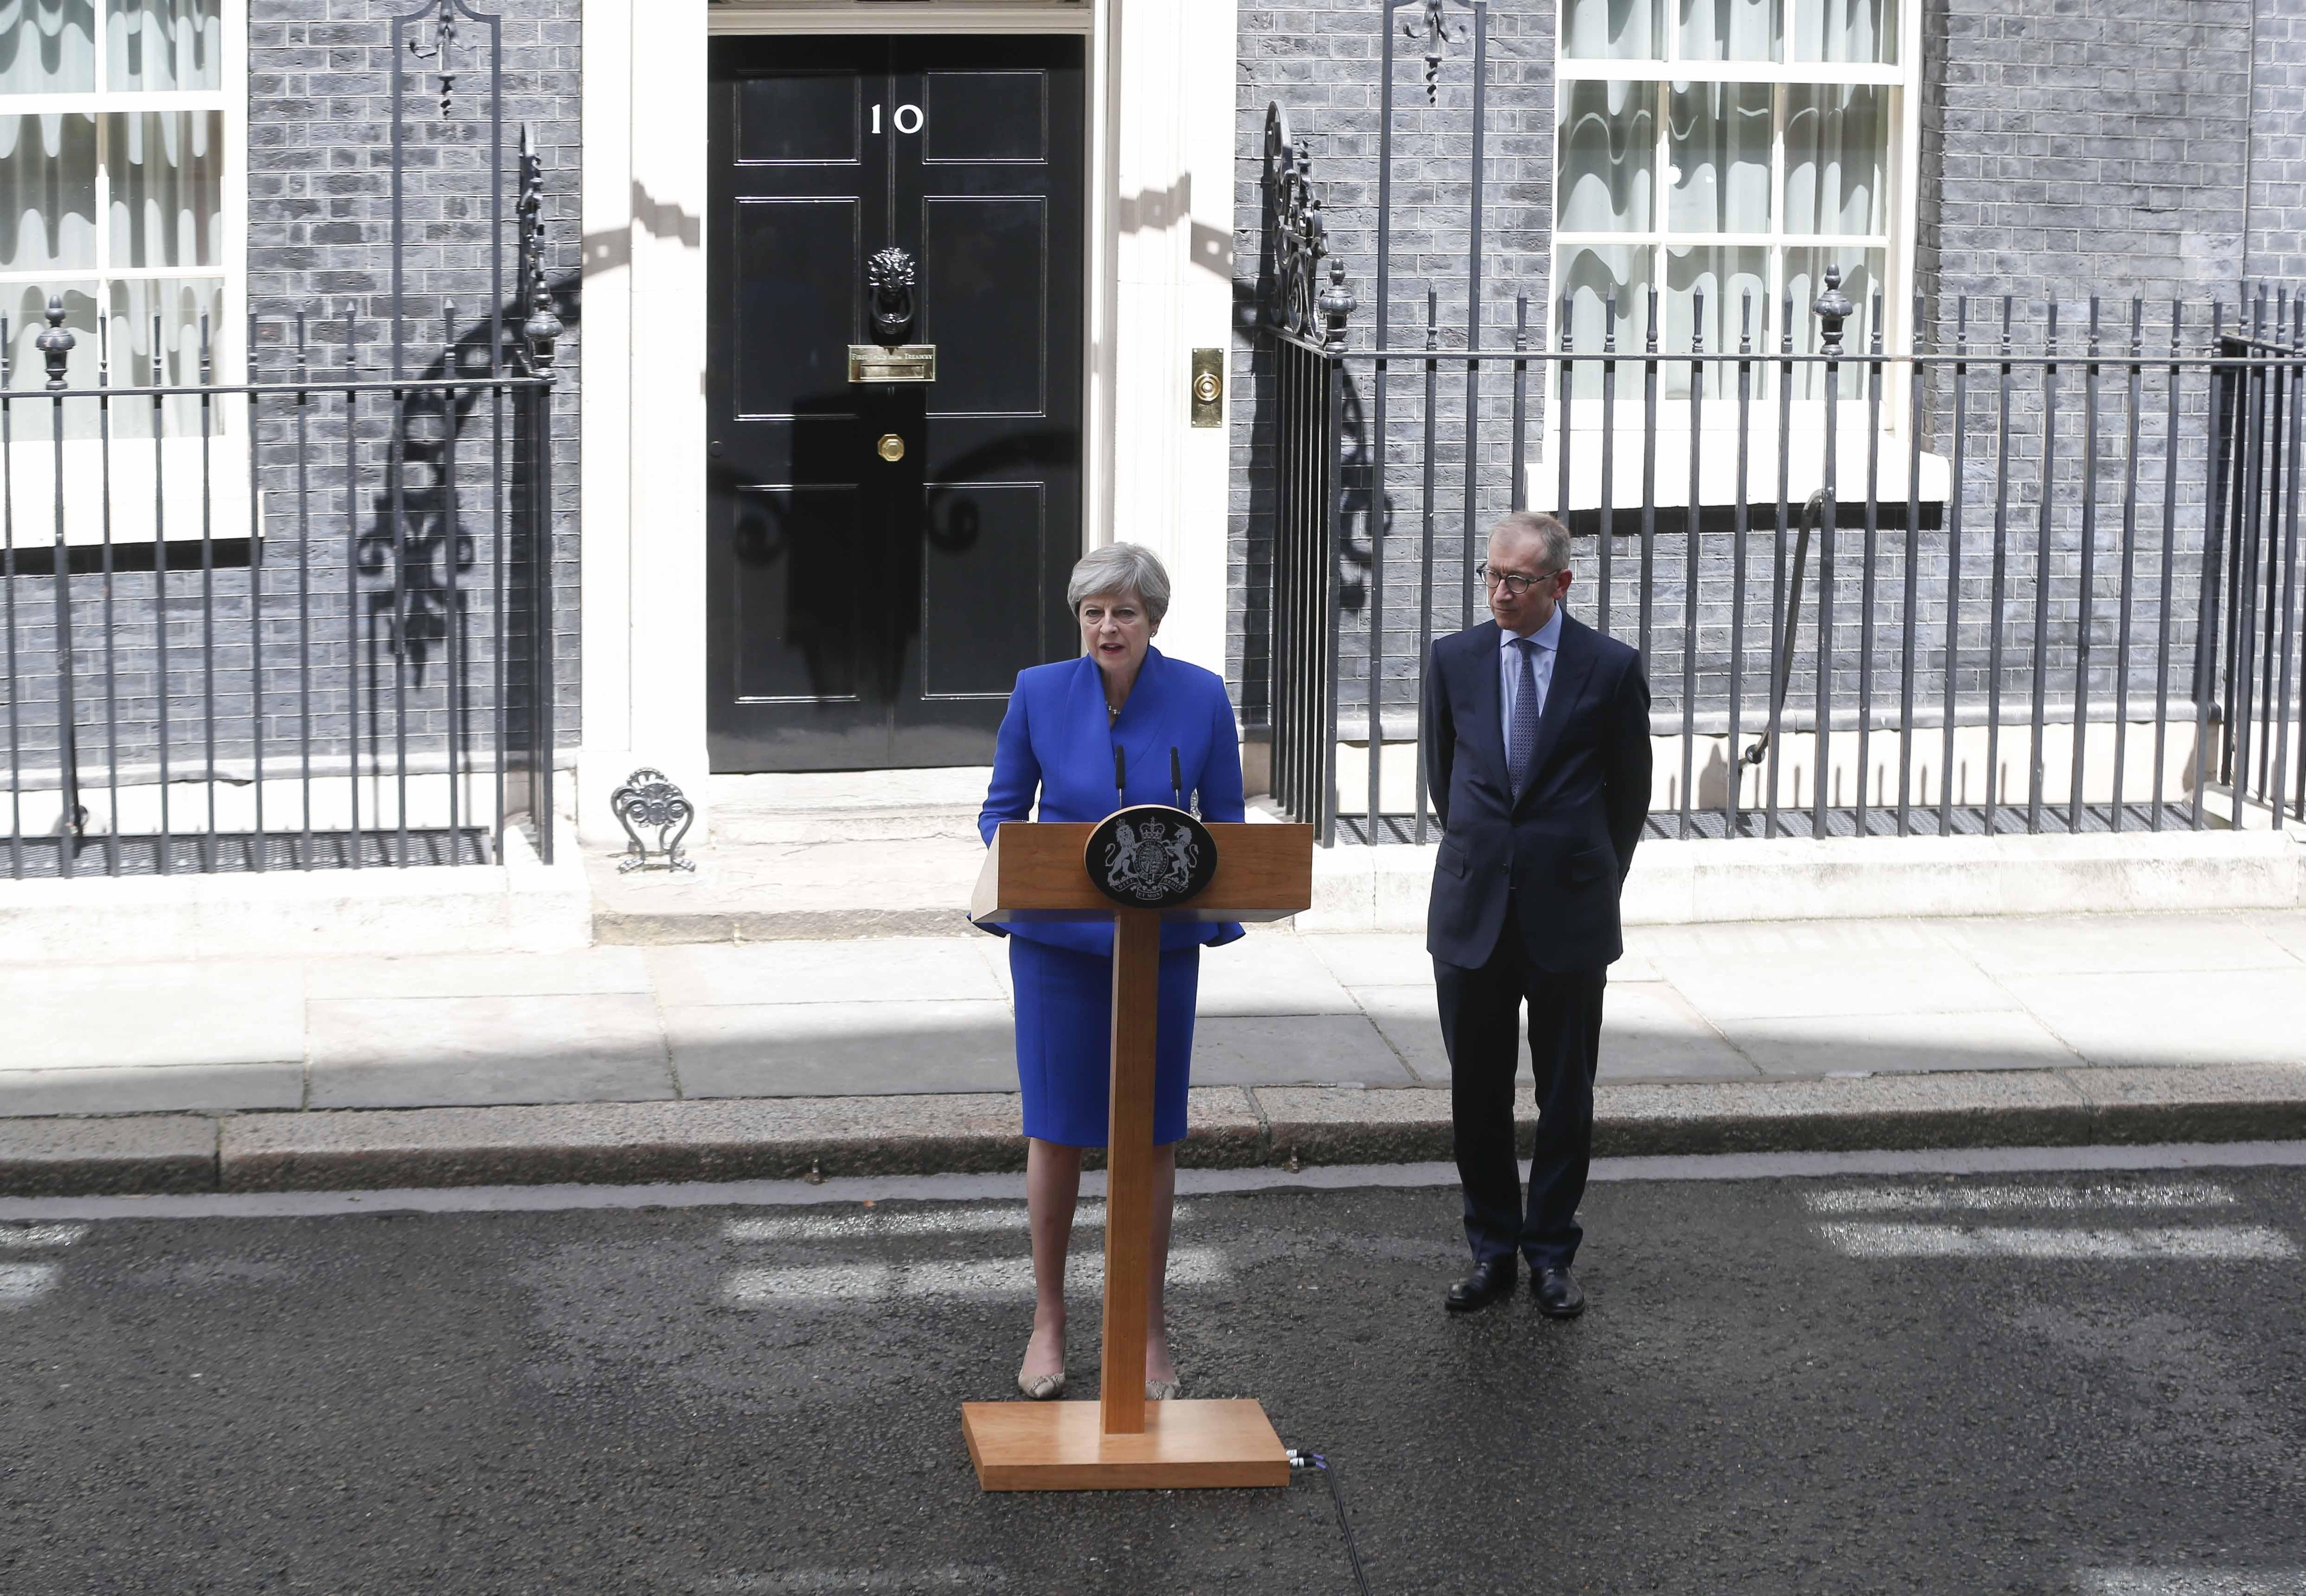 May confirma que formará Gobierno con el apoyo de los unionistas